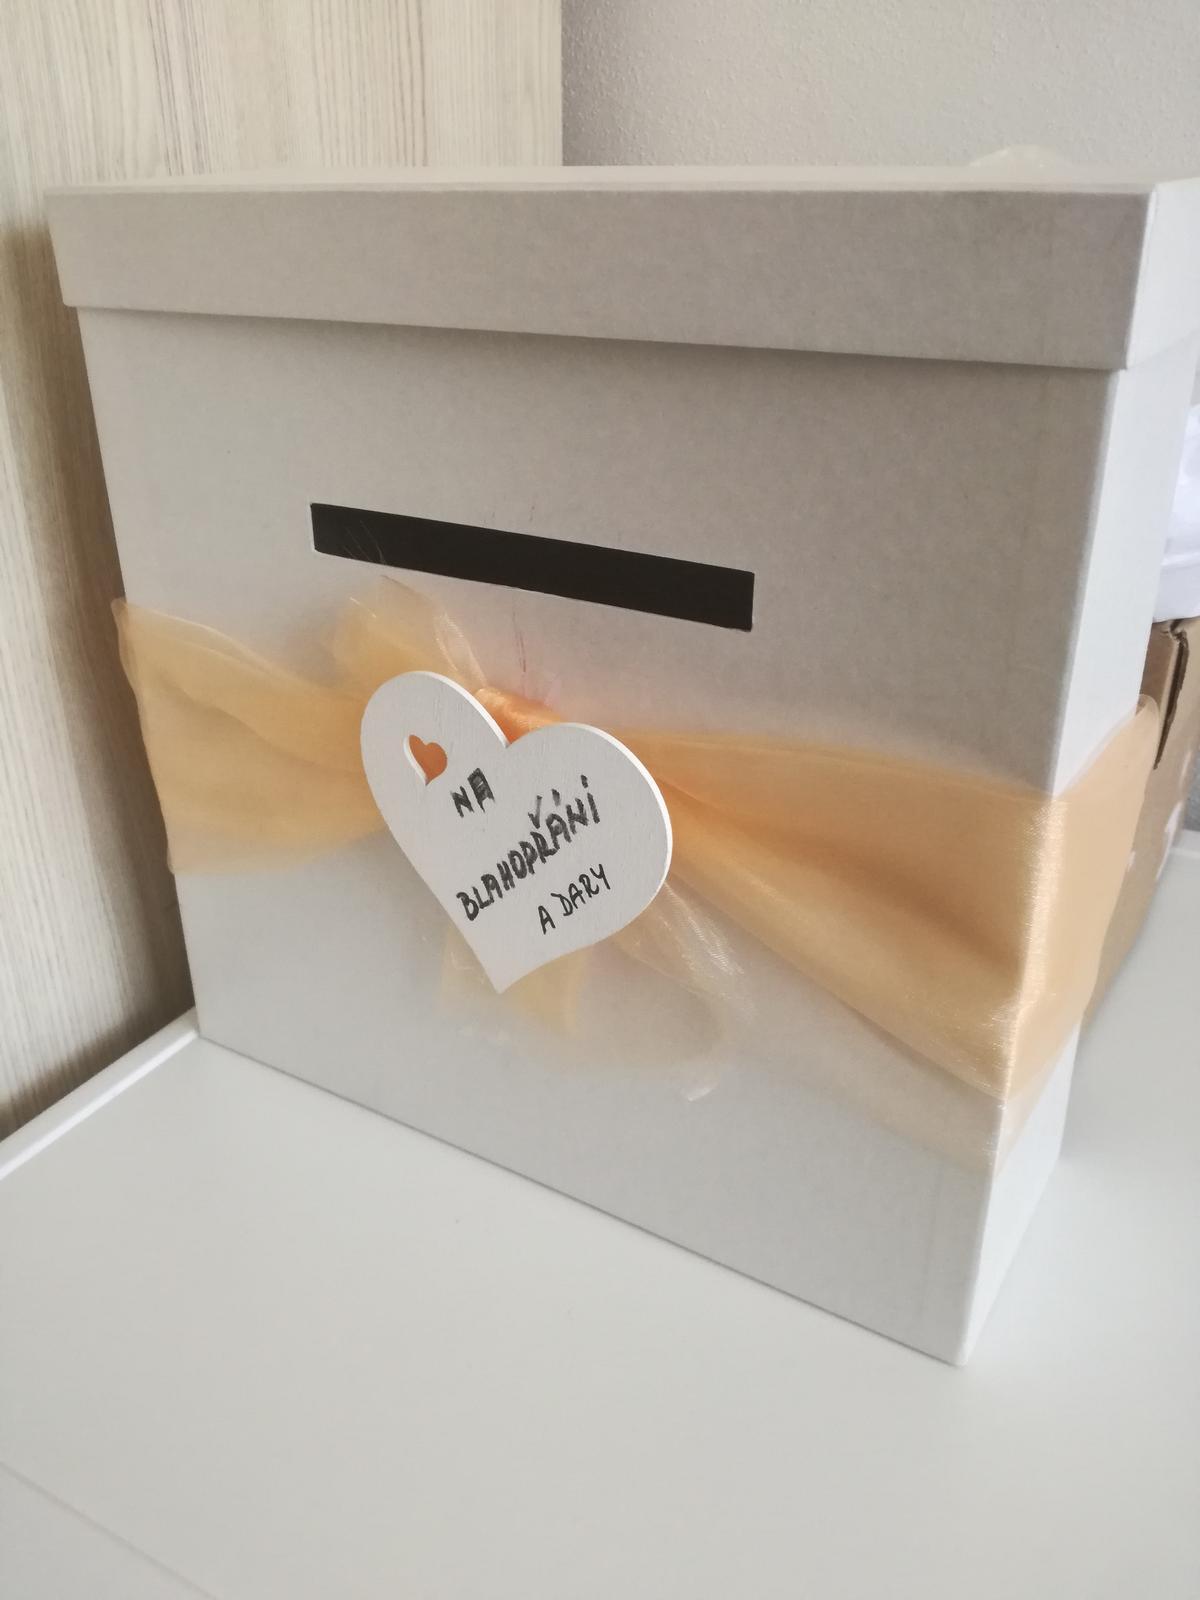 Krabice na blahopřání a dary - Obrázek č. 1